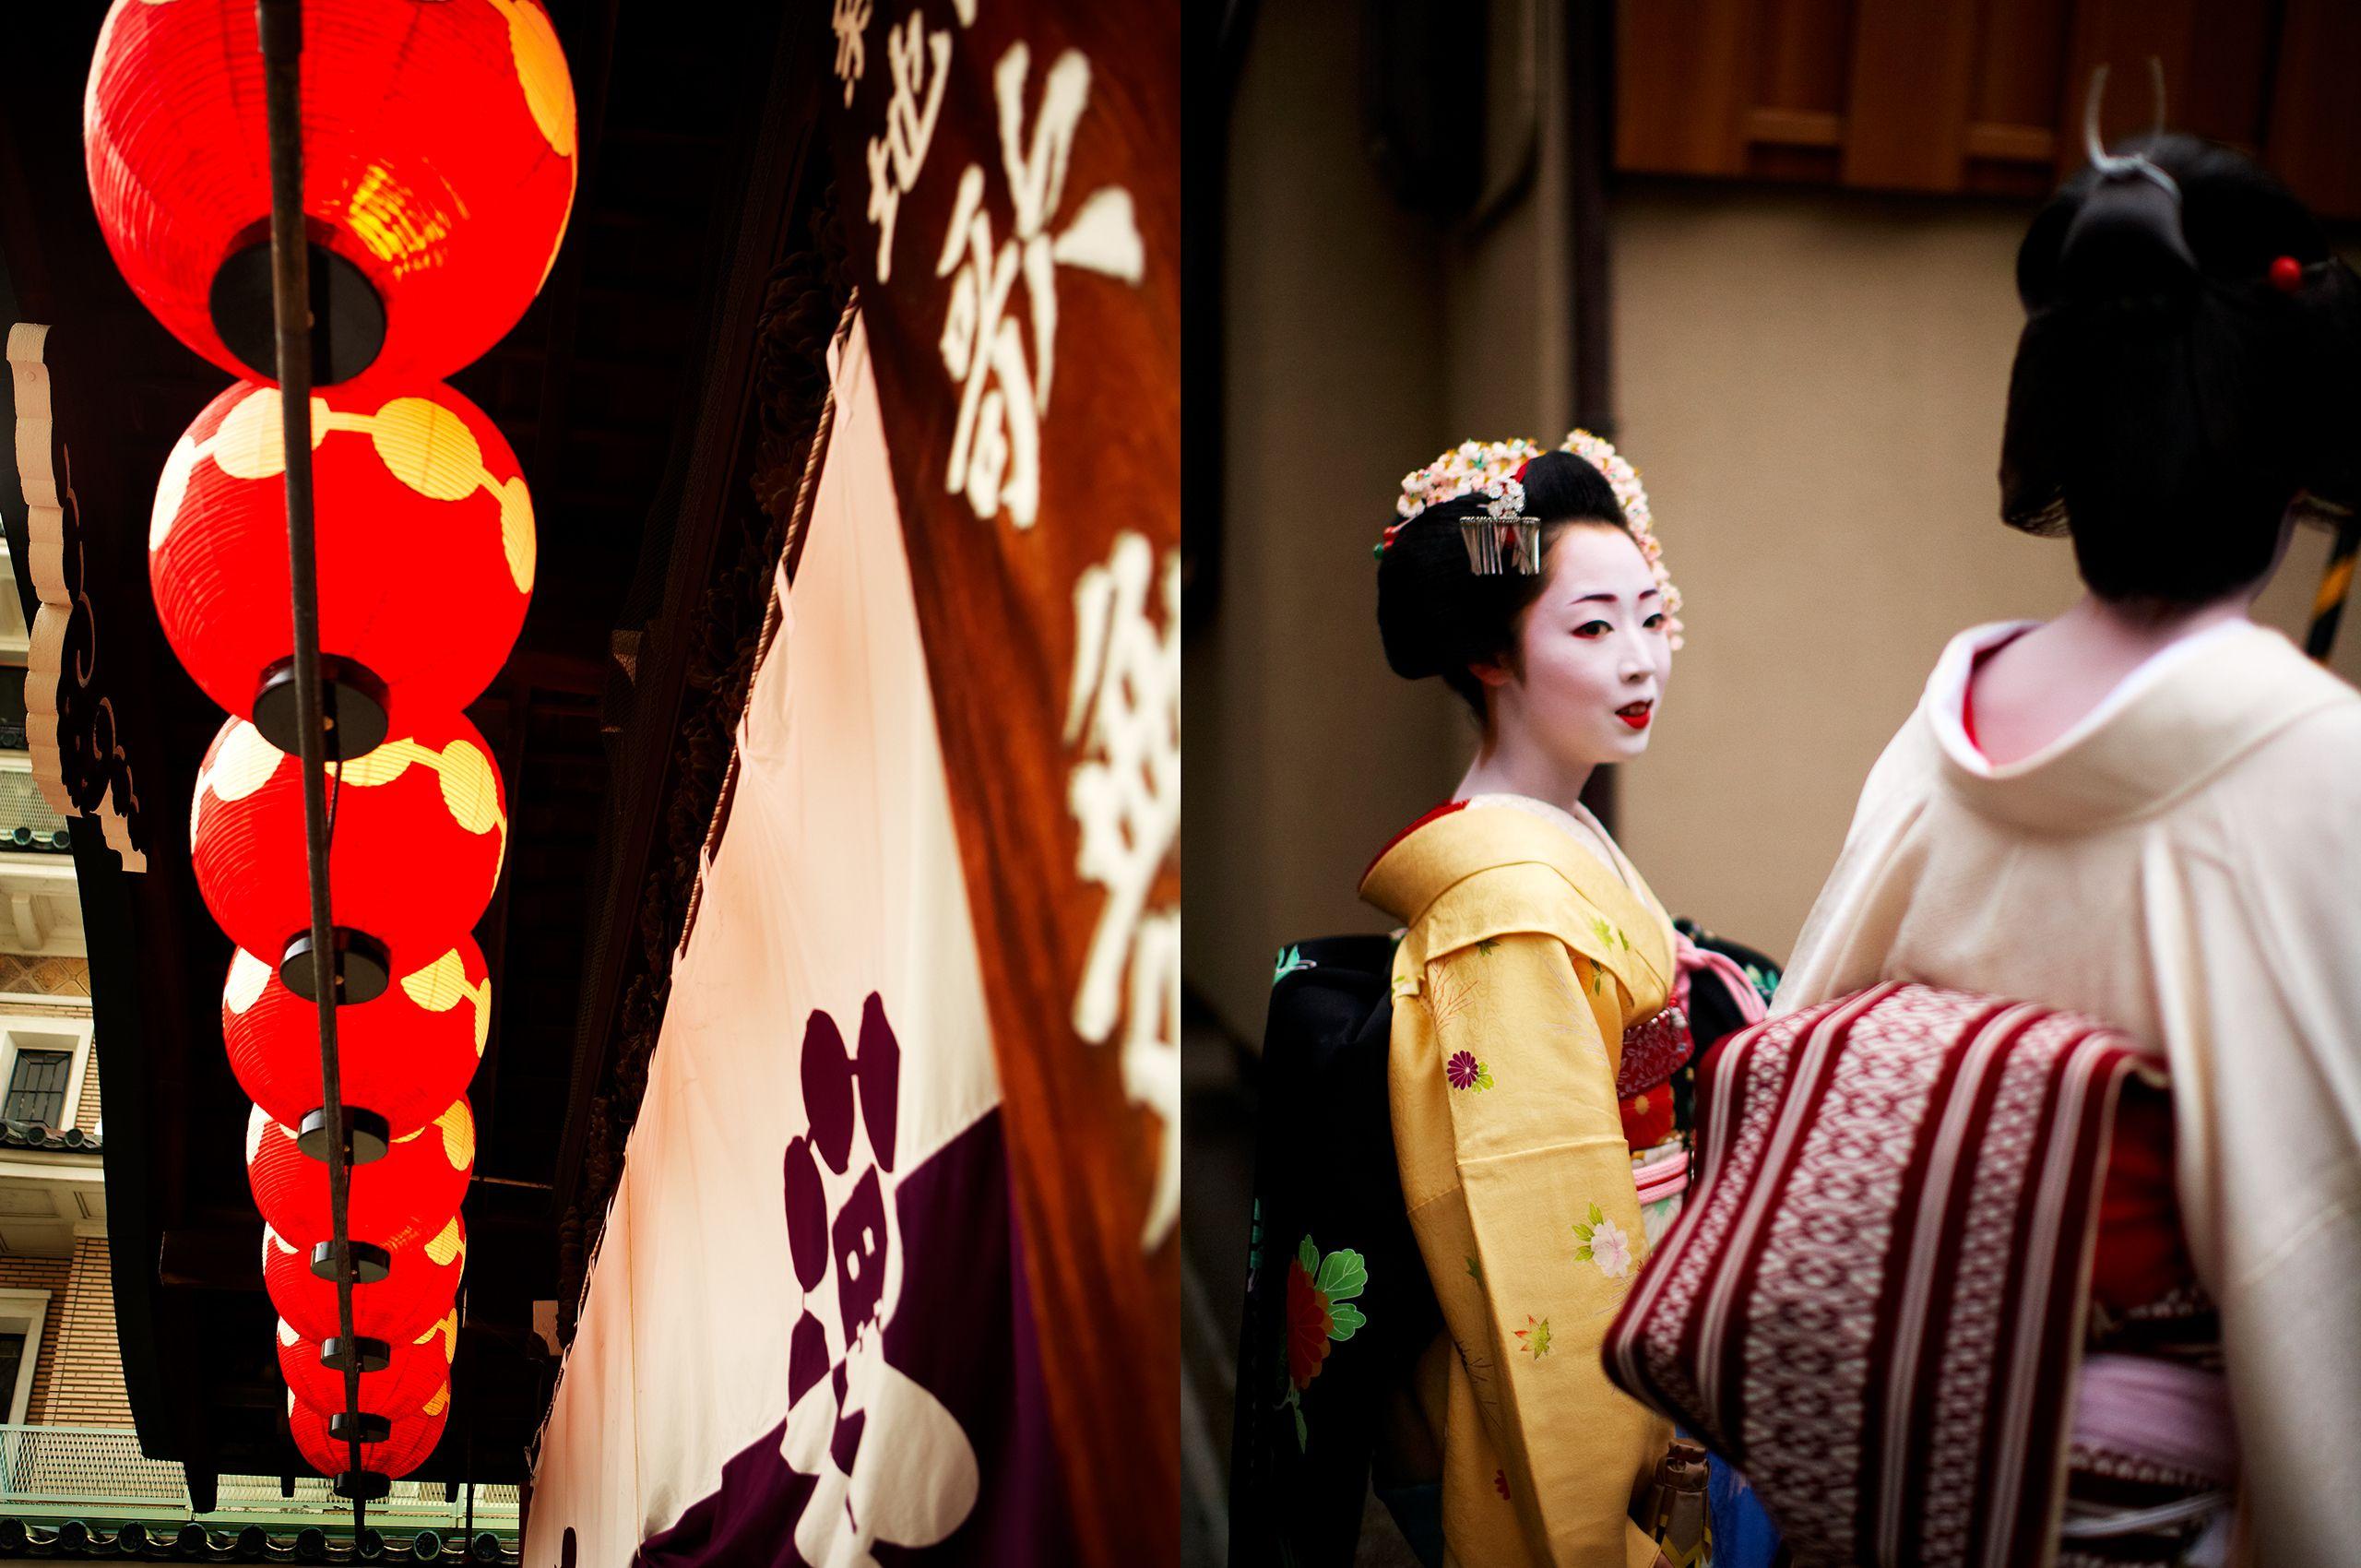 MARIODELOPEZ_KyotoJapan_Geishas_2.jpg